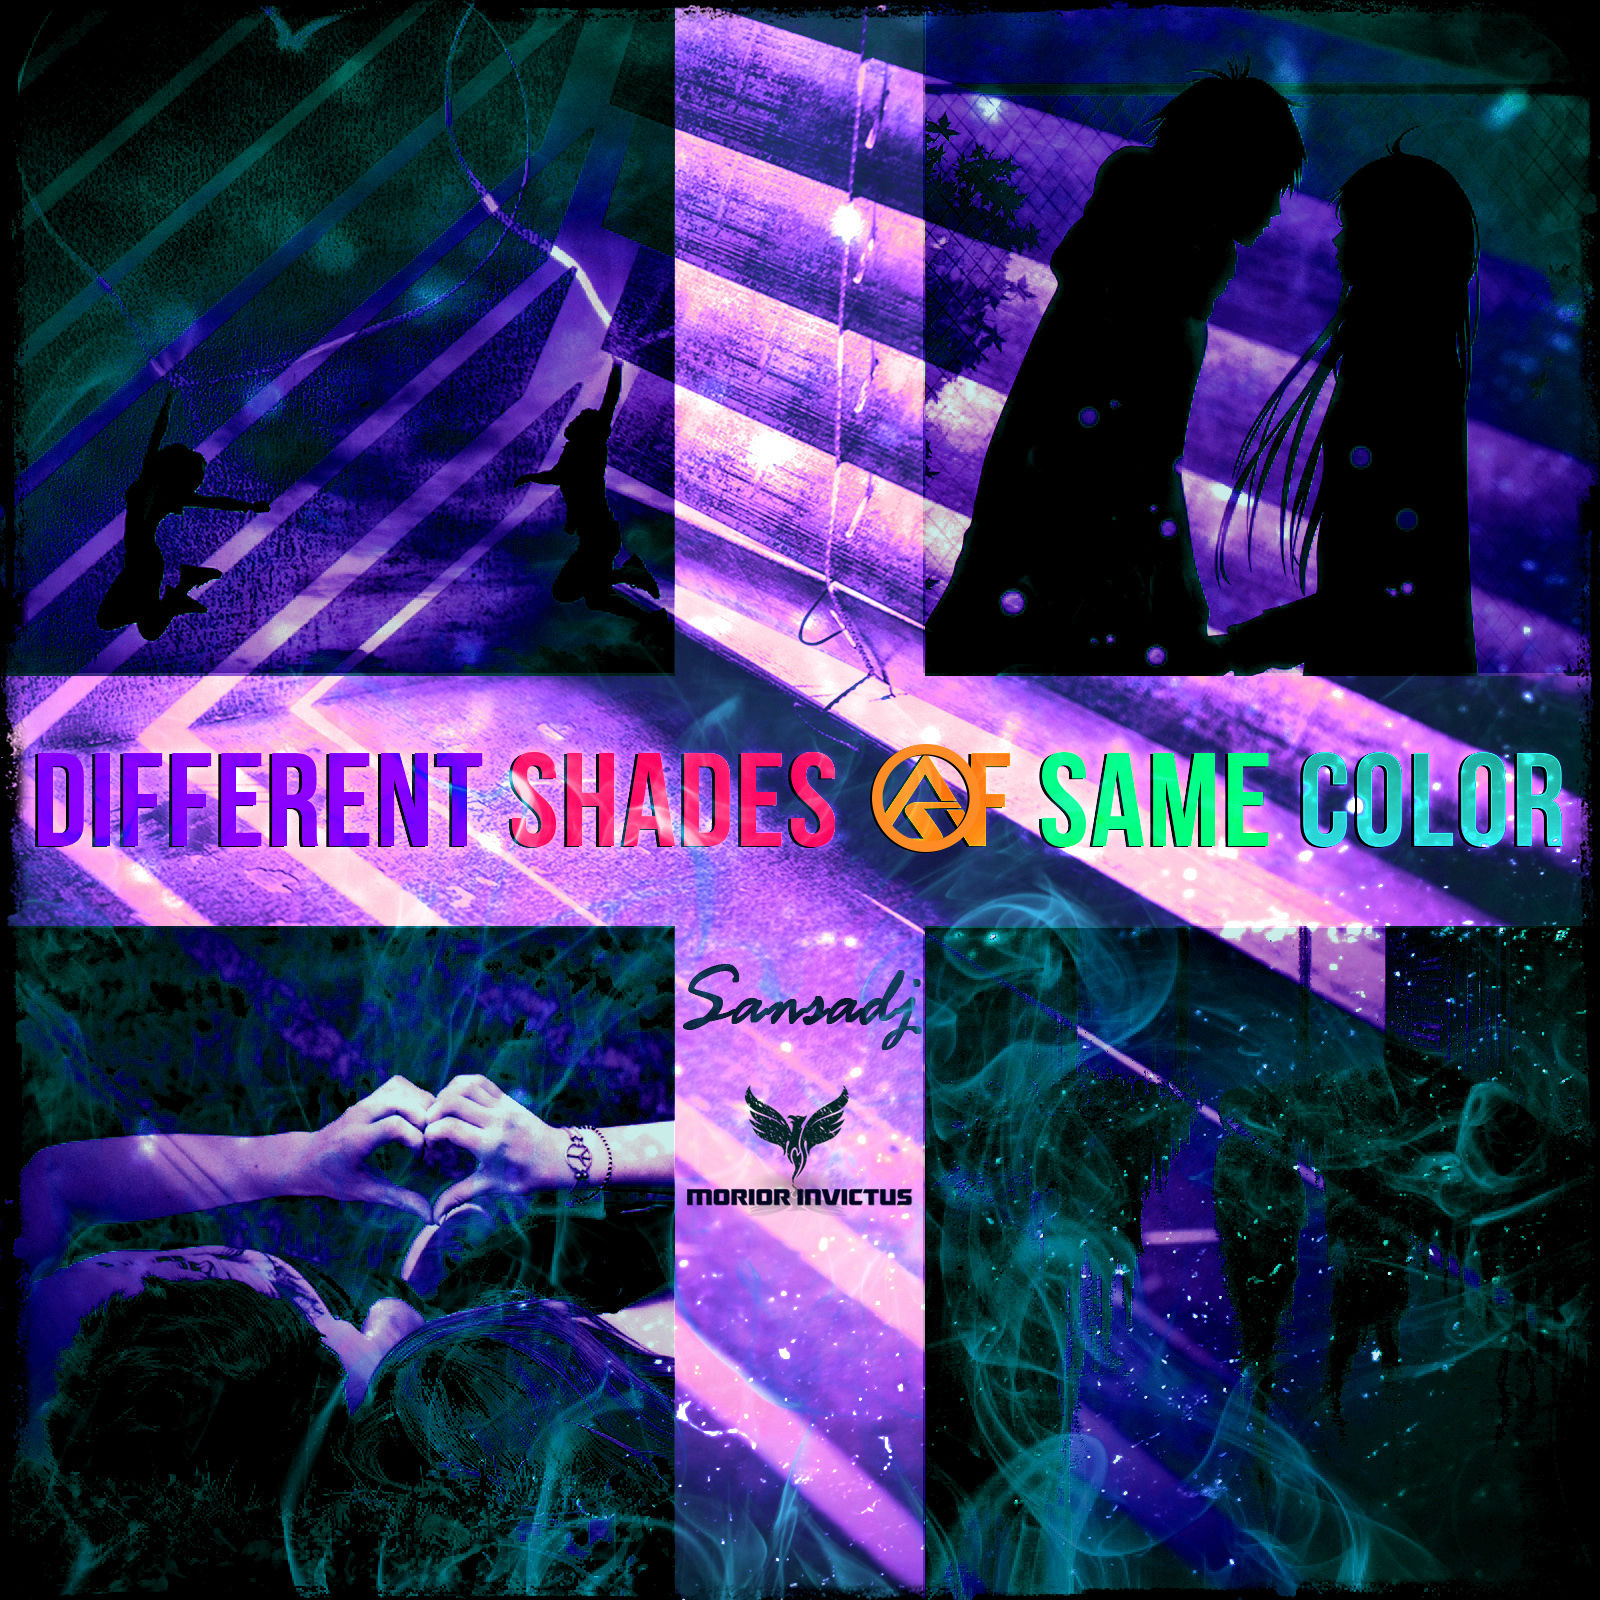 Morior Invictus www.hammarica.com/pr dance music PR